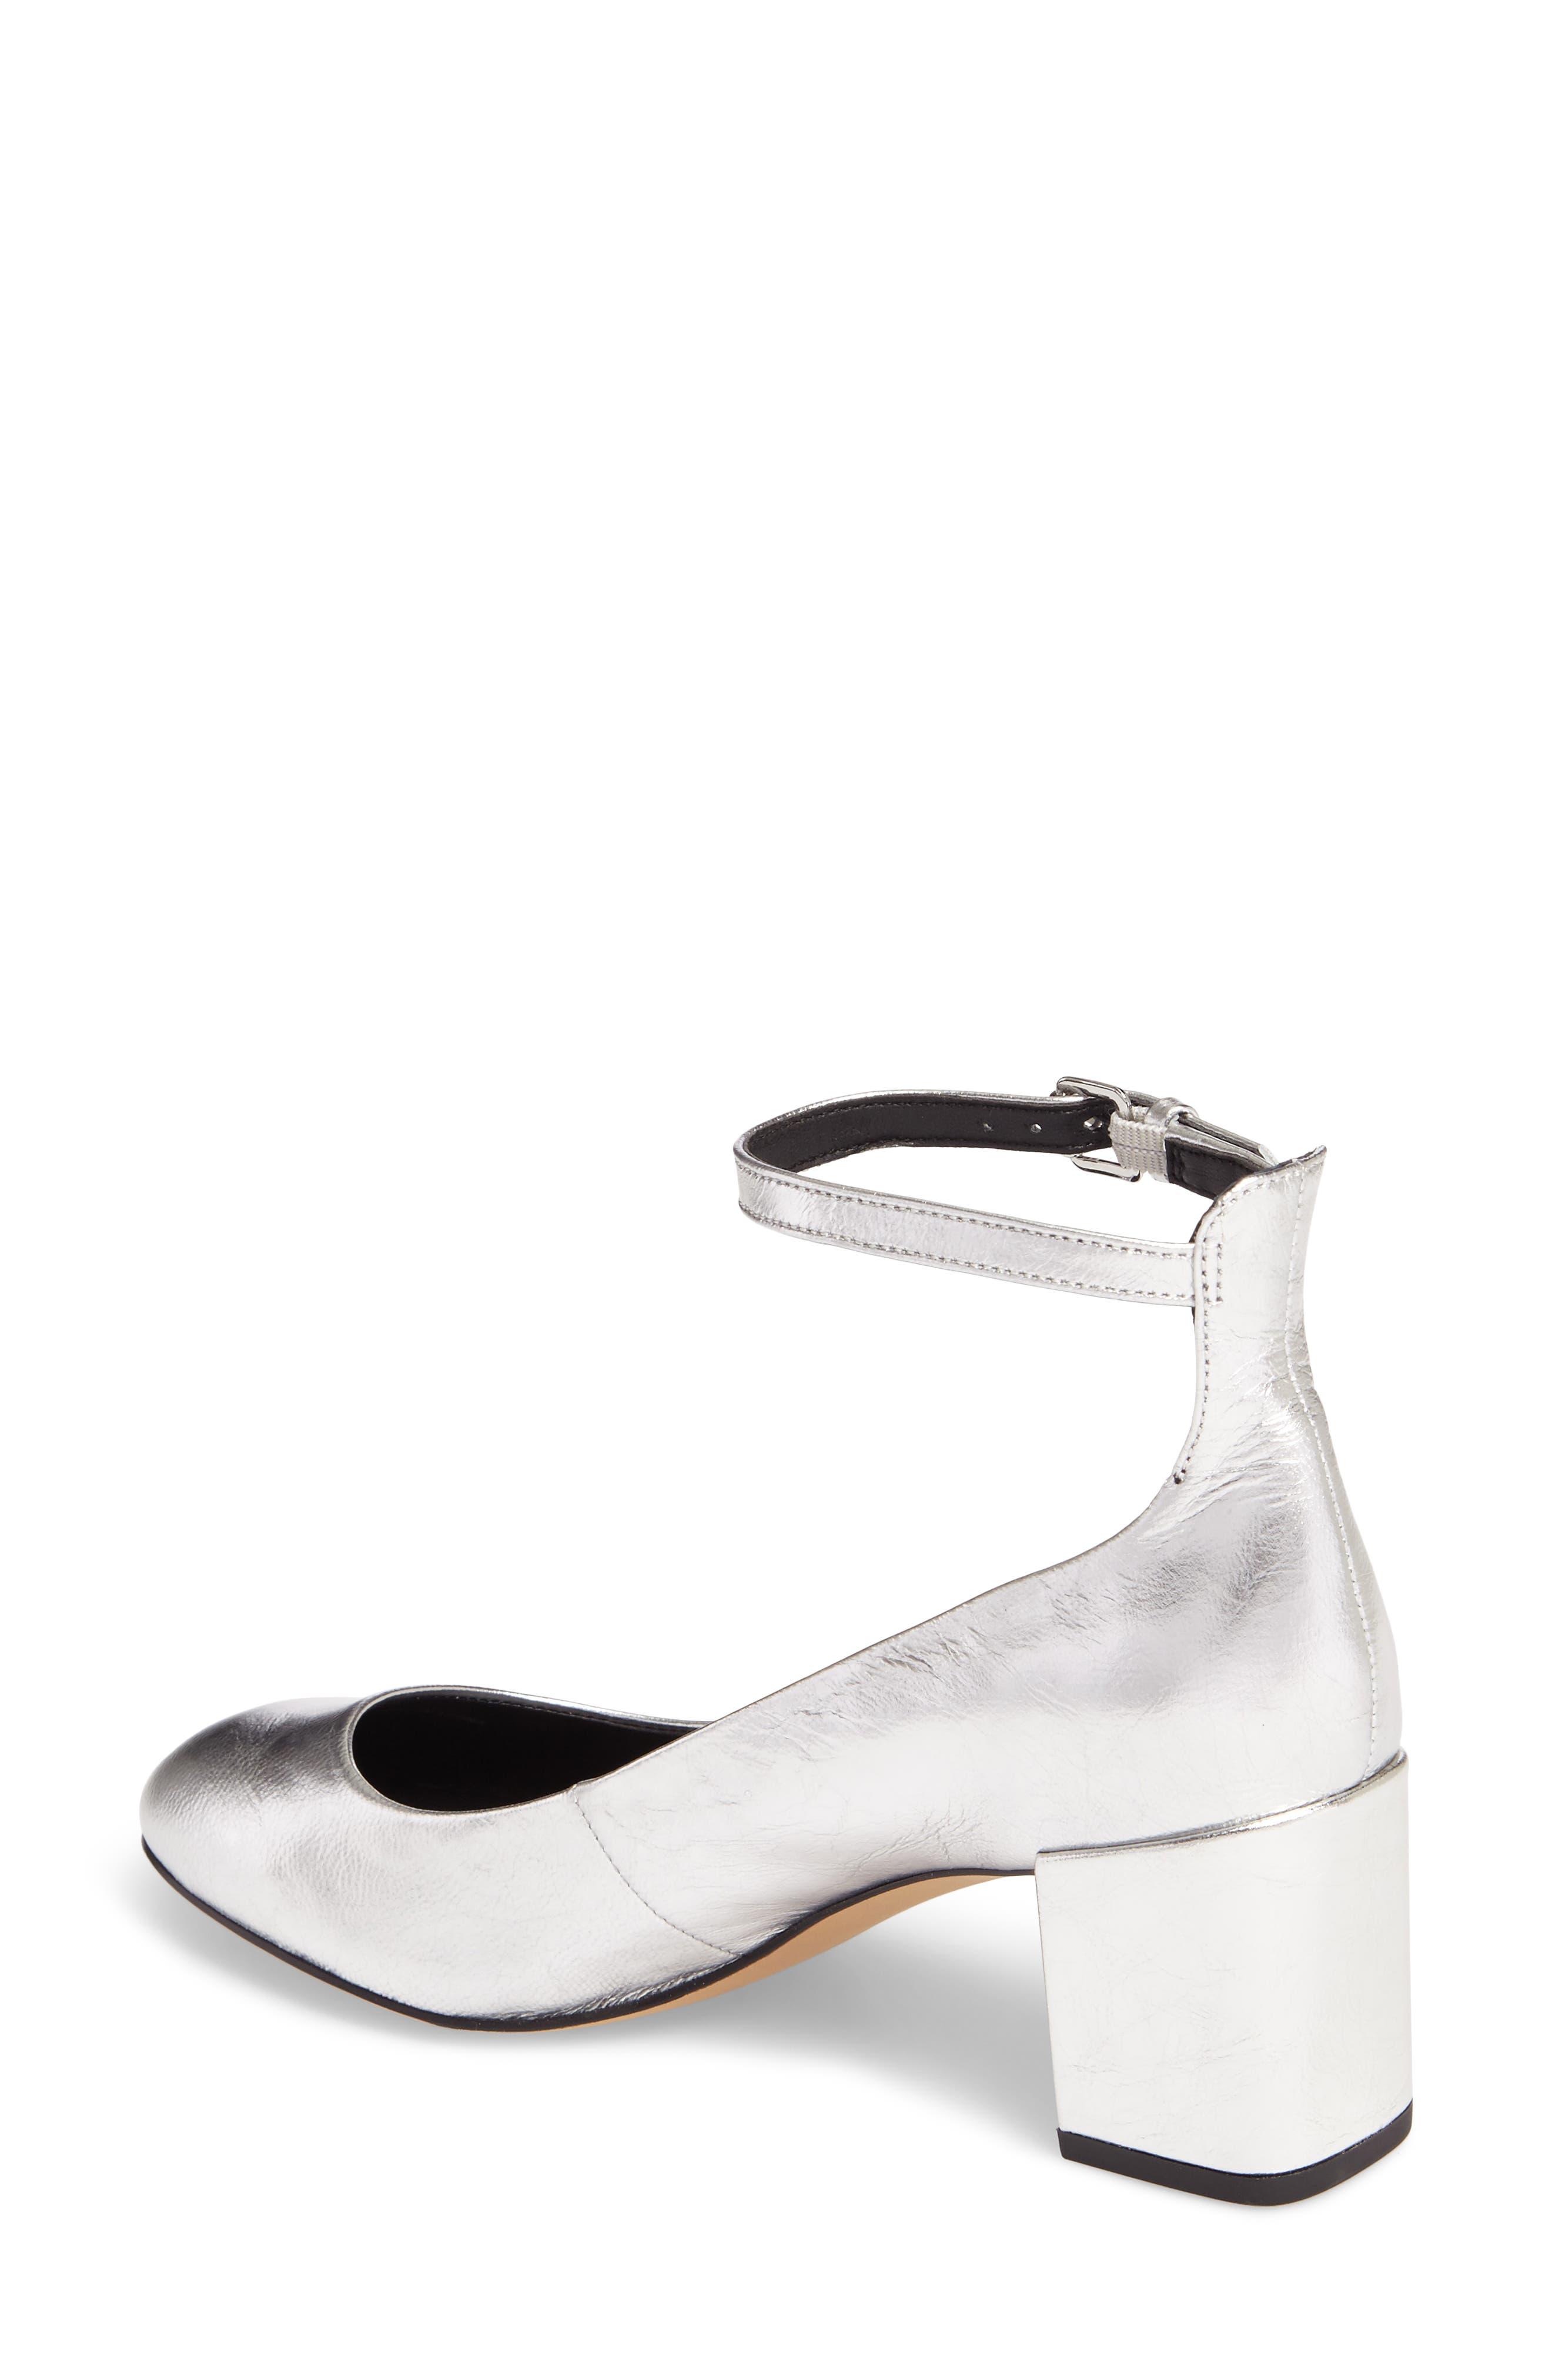 Bridget Ankle Strap Pump,                             Alternate thumbnail 2, color,                             Silver Leather